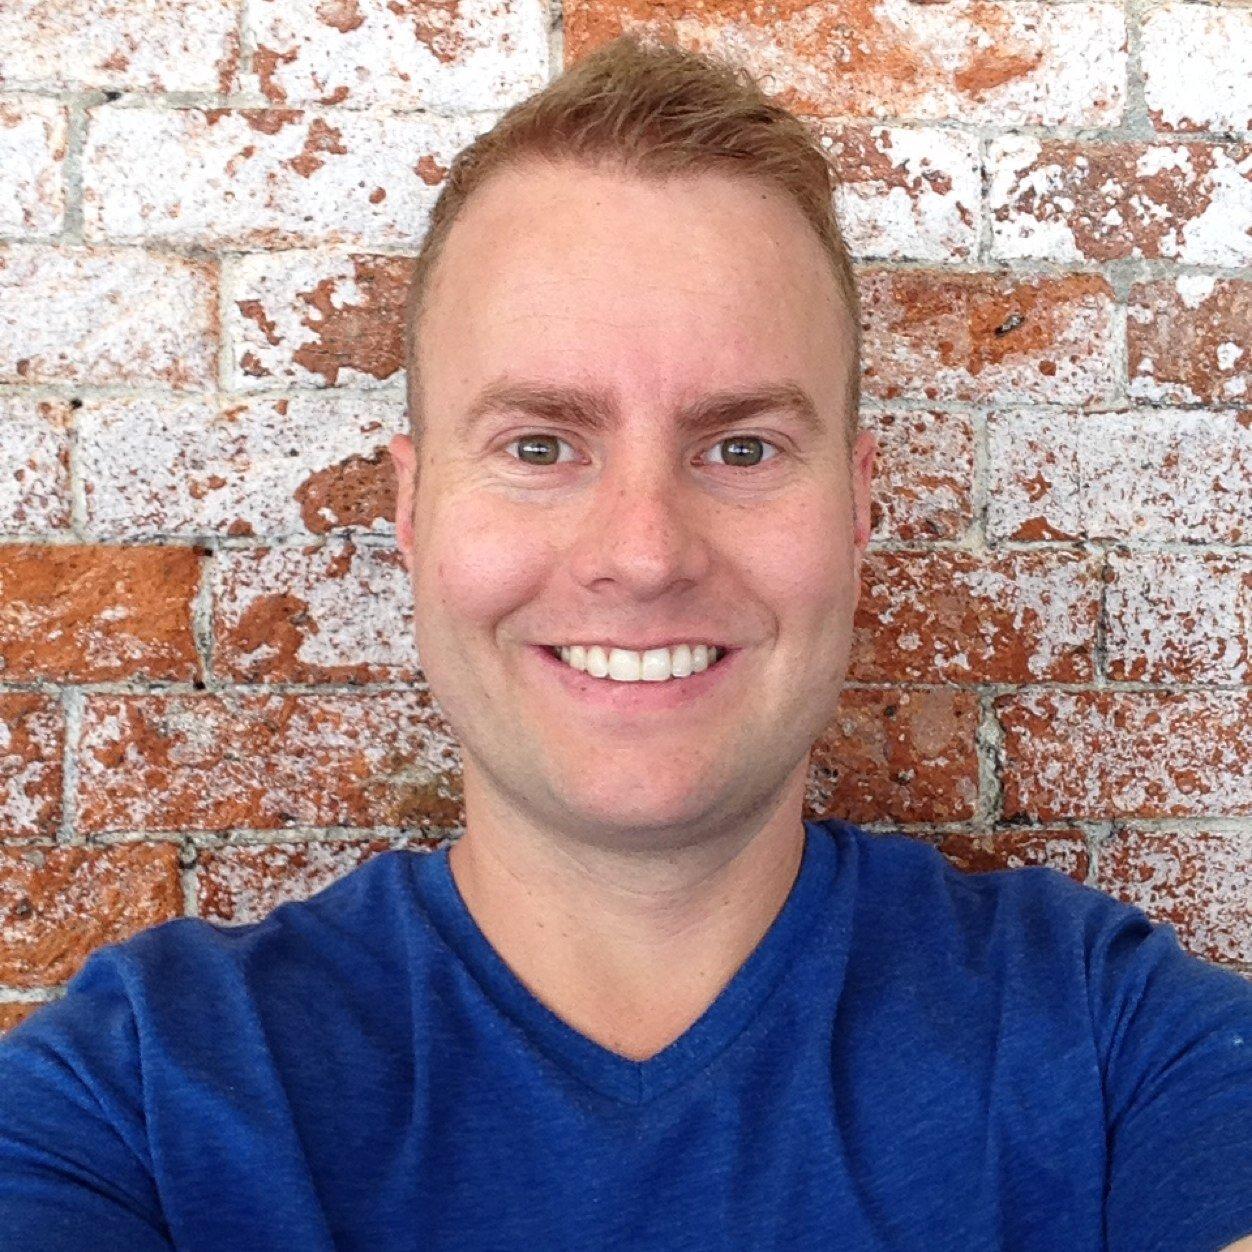 Entrepreneur and investor John Rampton